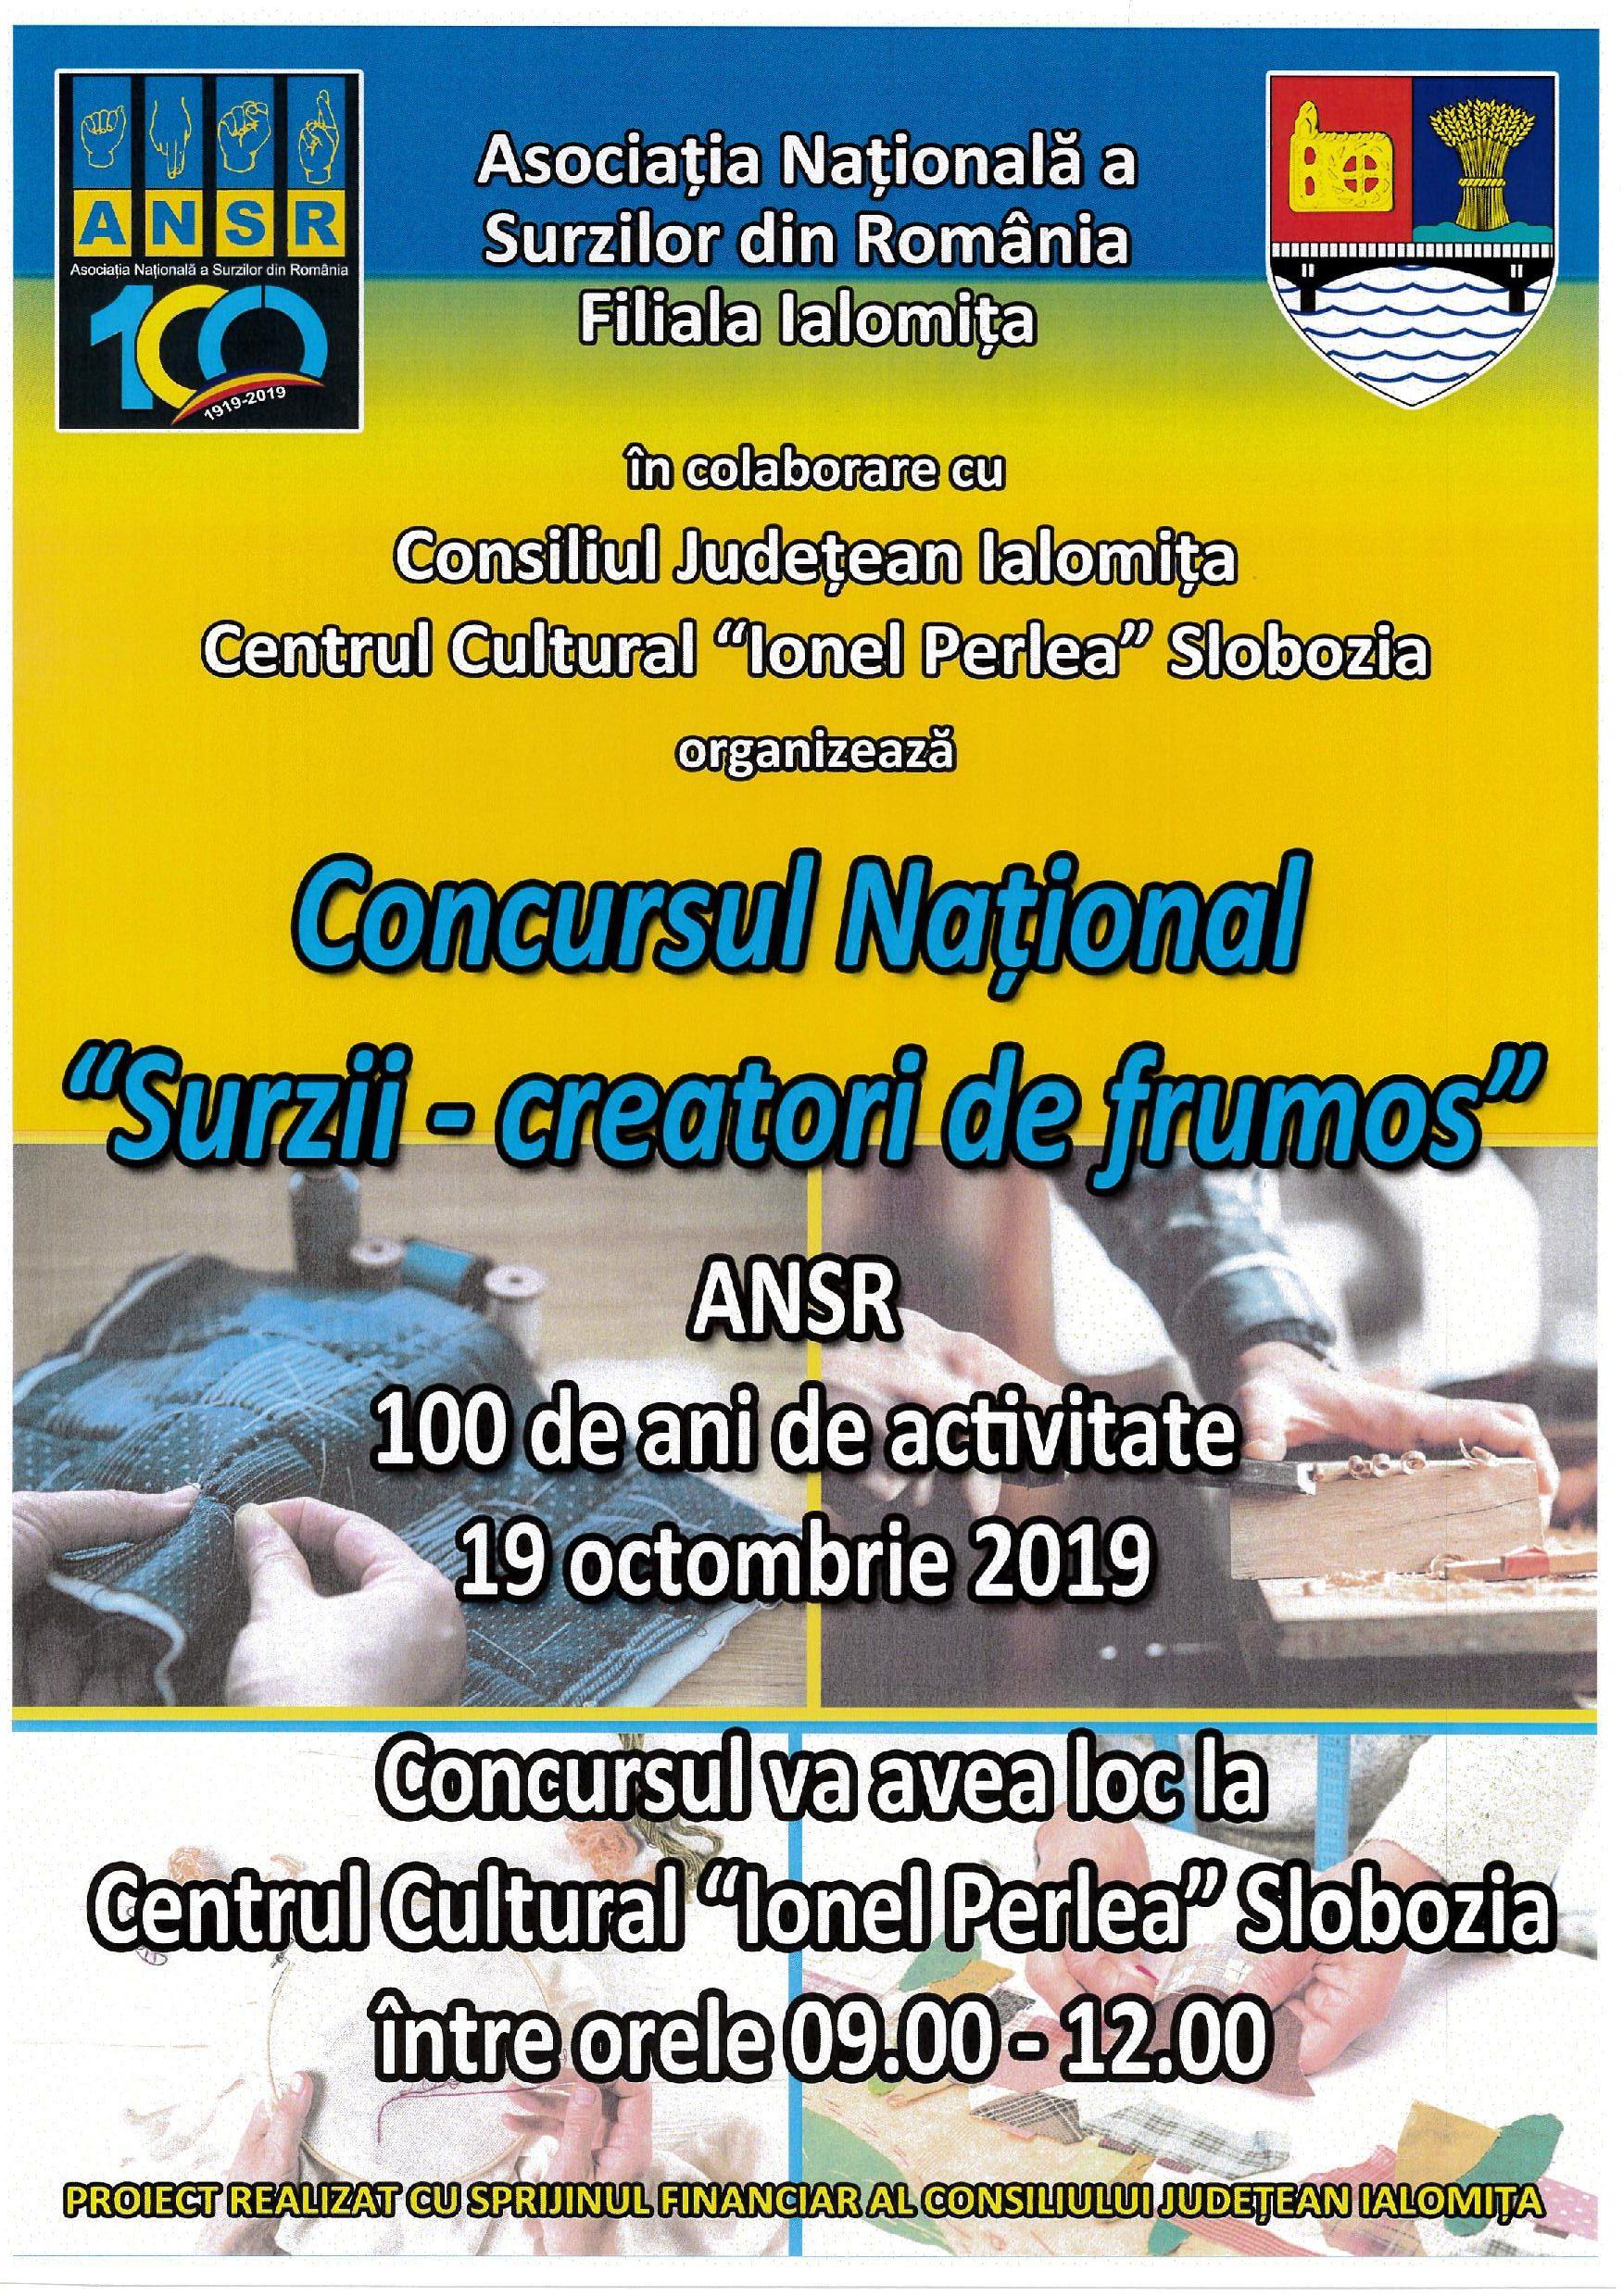 """Concursul Național ,,Surzii – creatori de frumos"""", 19 octombrie 2019, ora 09:00, Centrul Cultural ,,Ionel Perlea"""""""